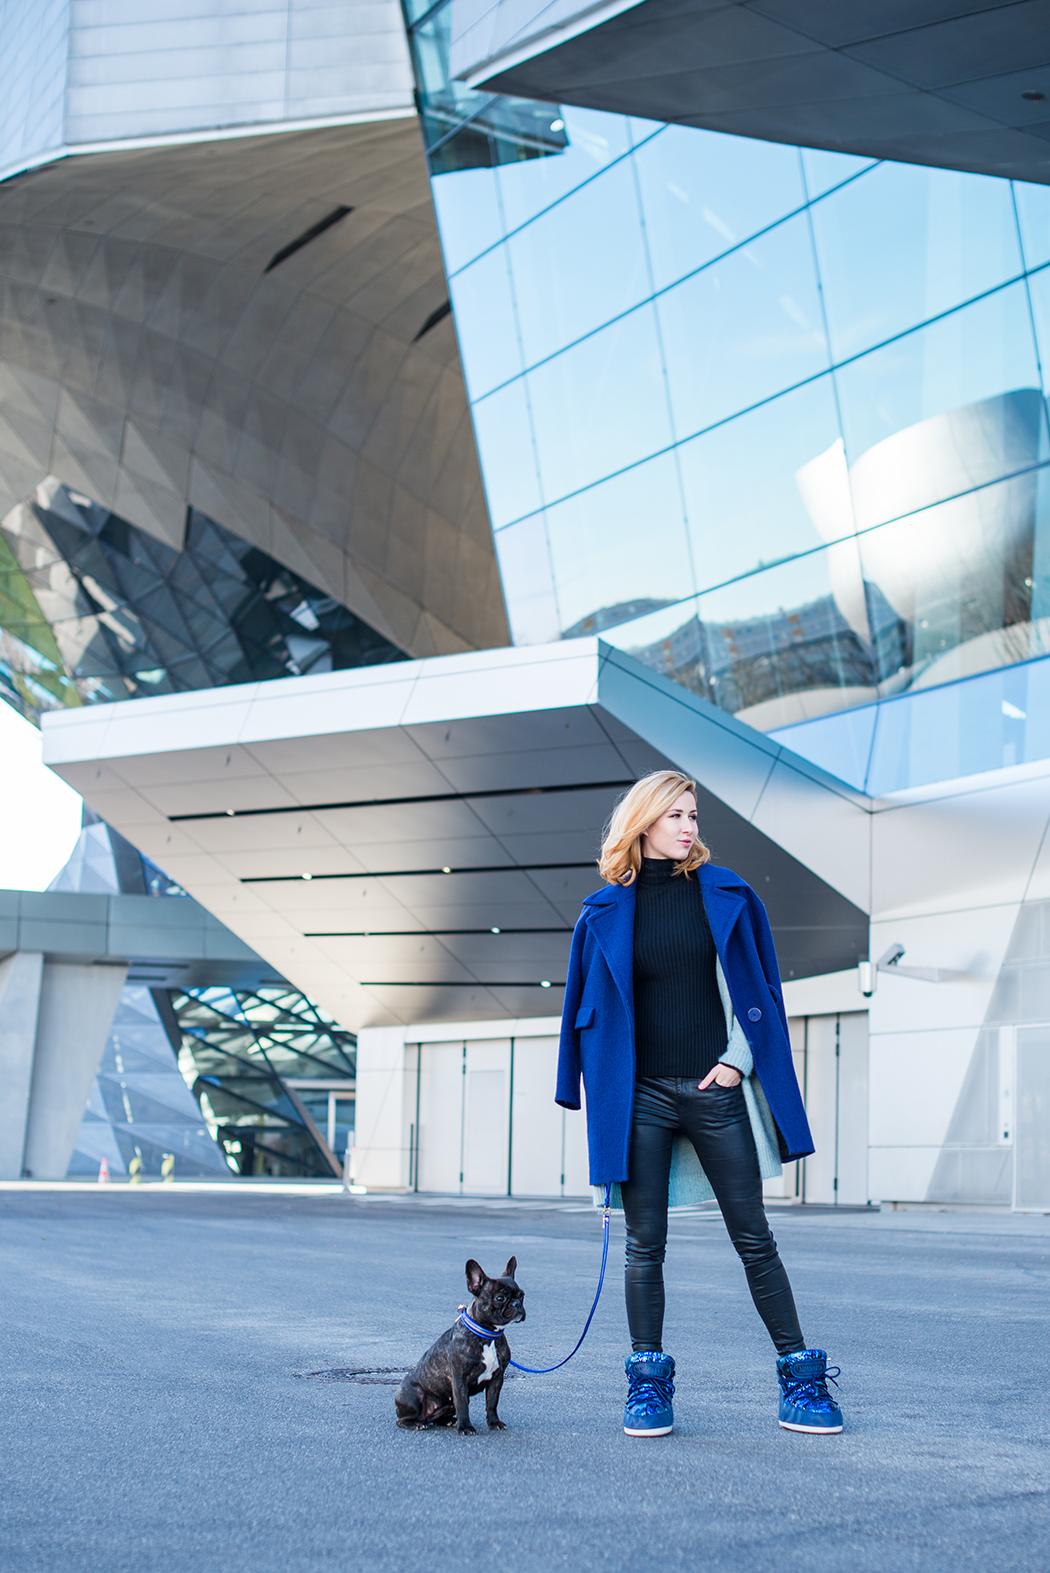 Fashionblog-Fashionblogger-Fashion-Blog-Blogger-Lifestyle-Moon_Boot-blau-Pailletten-glitzer-Ikki_Boots-BMW-Museum-4-web